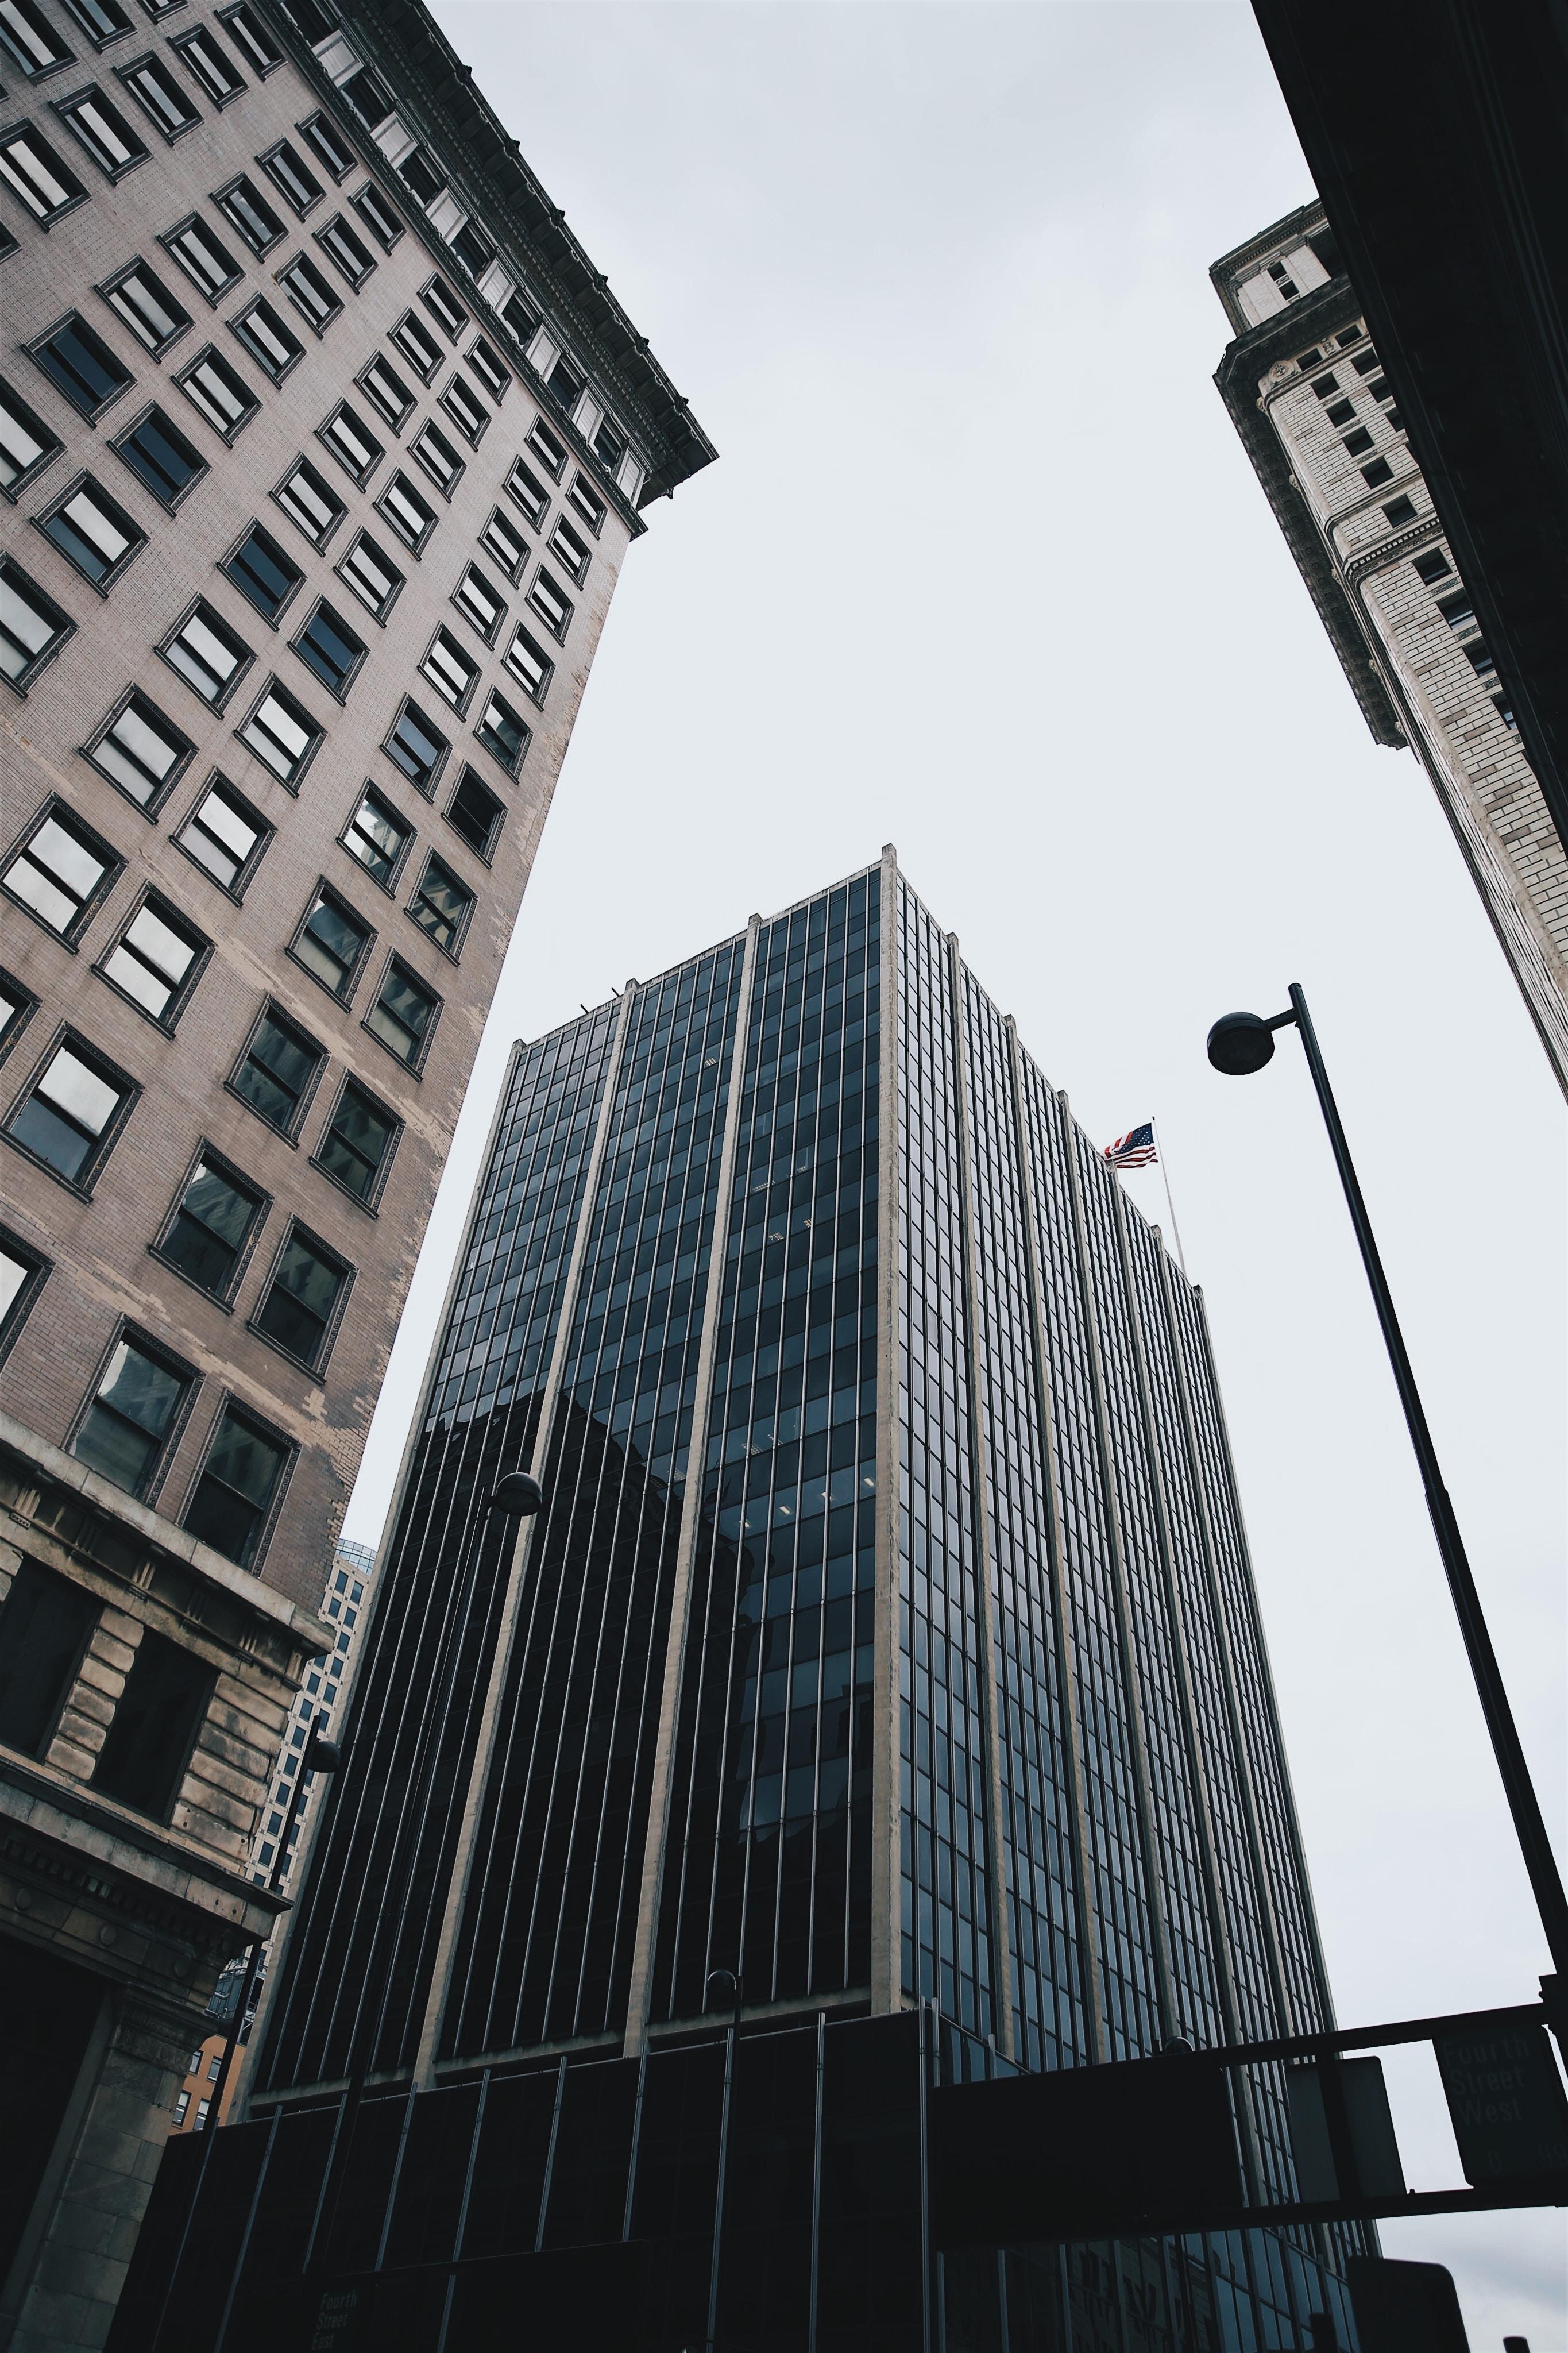 High-rises in Cincinnati on a cloudy day